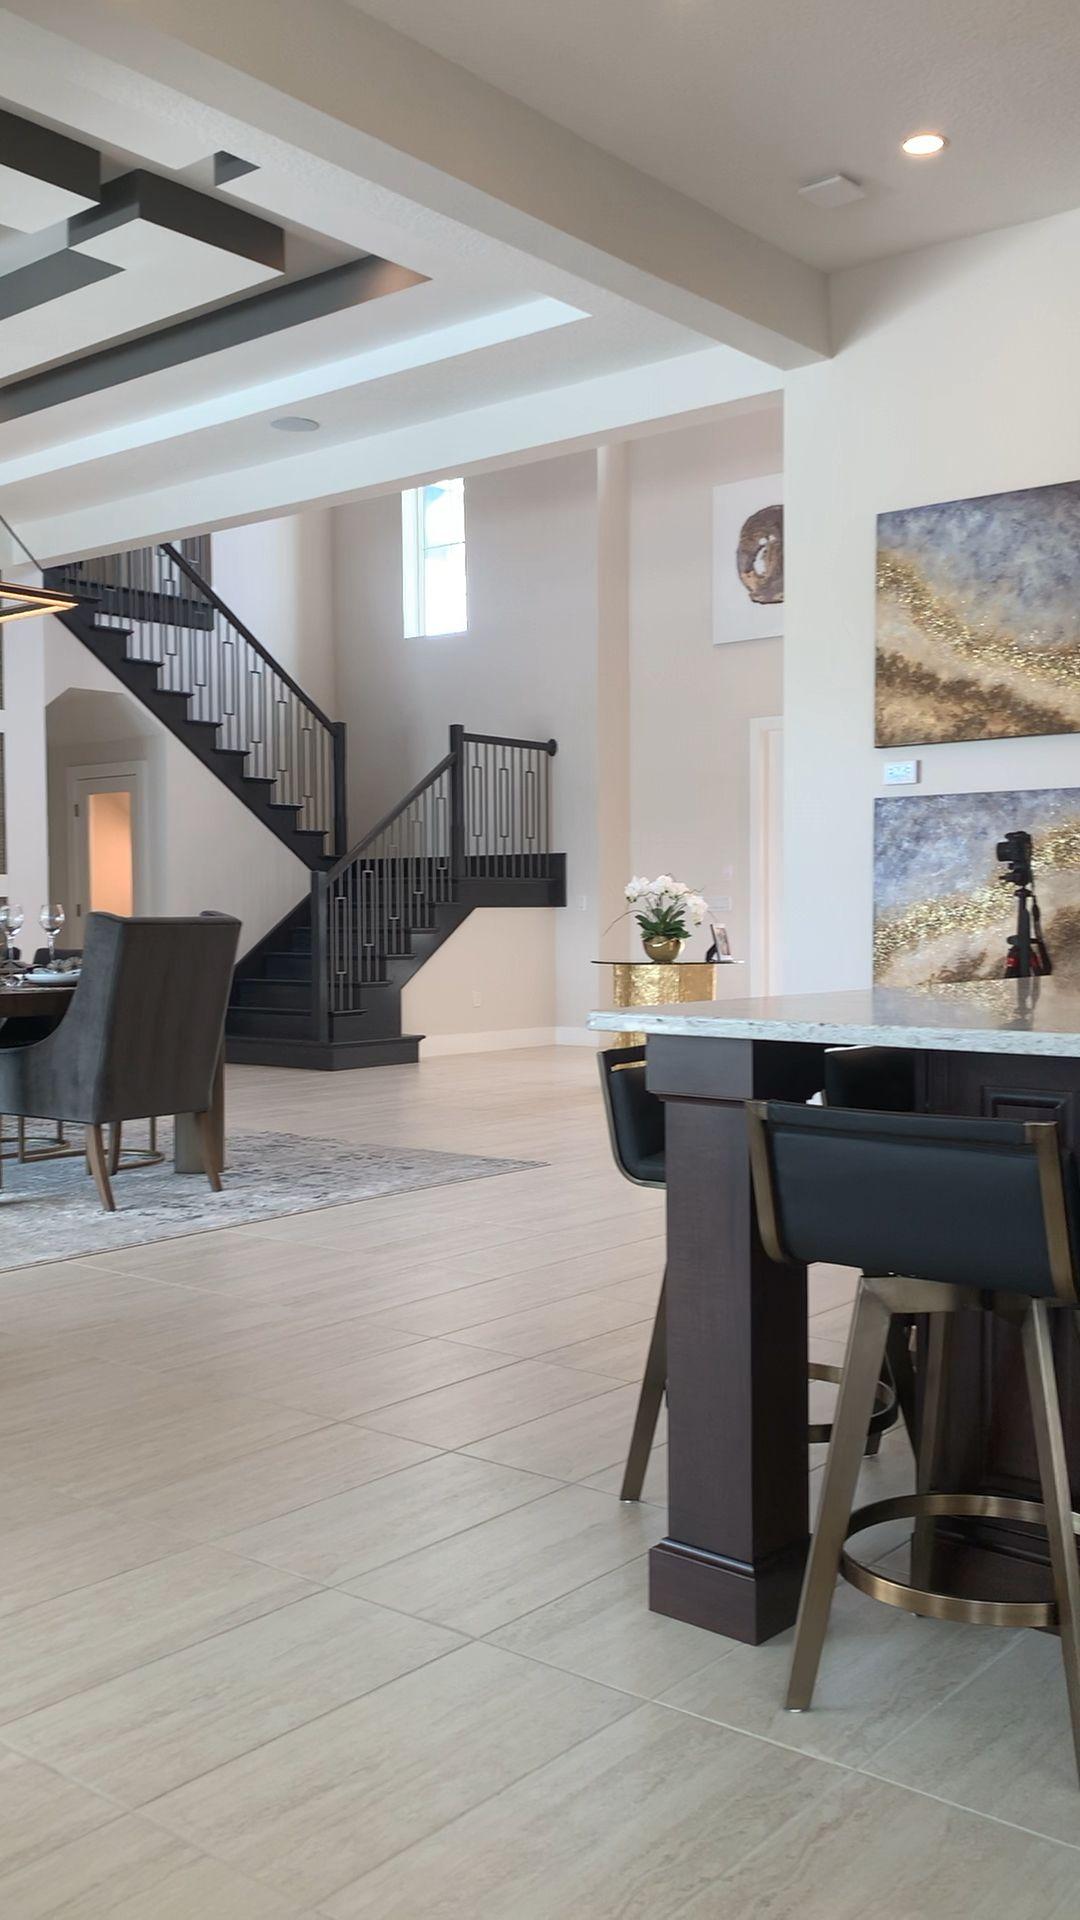 #Уютный красивый стильный интерьер красивая  design home гостинная  #Beautiful living room